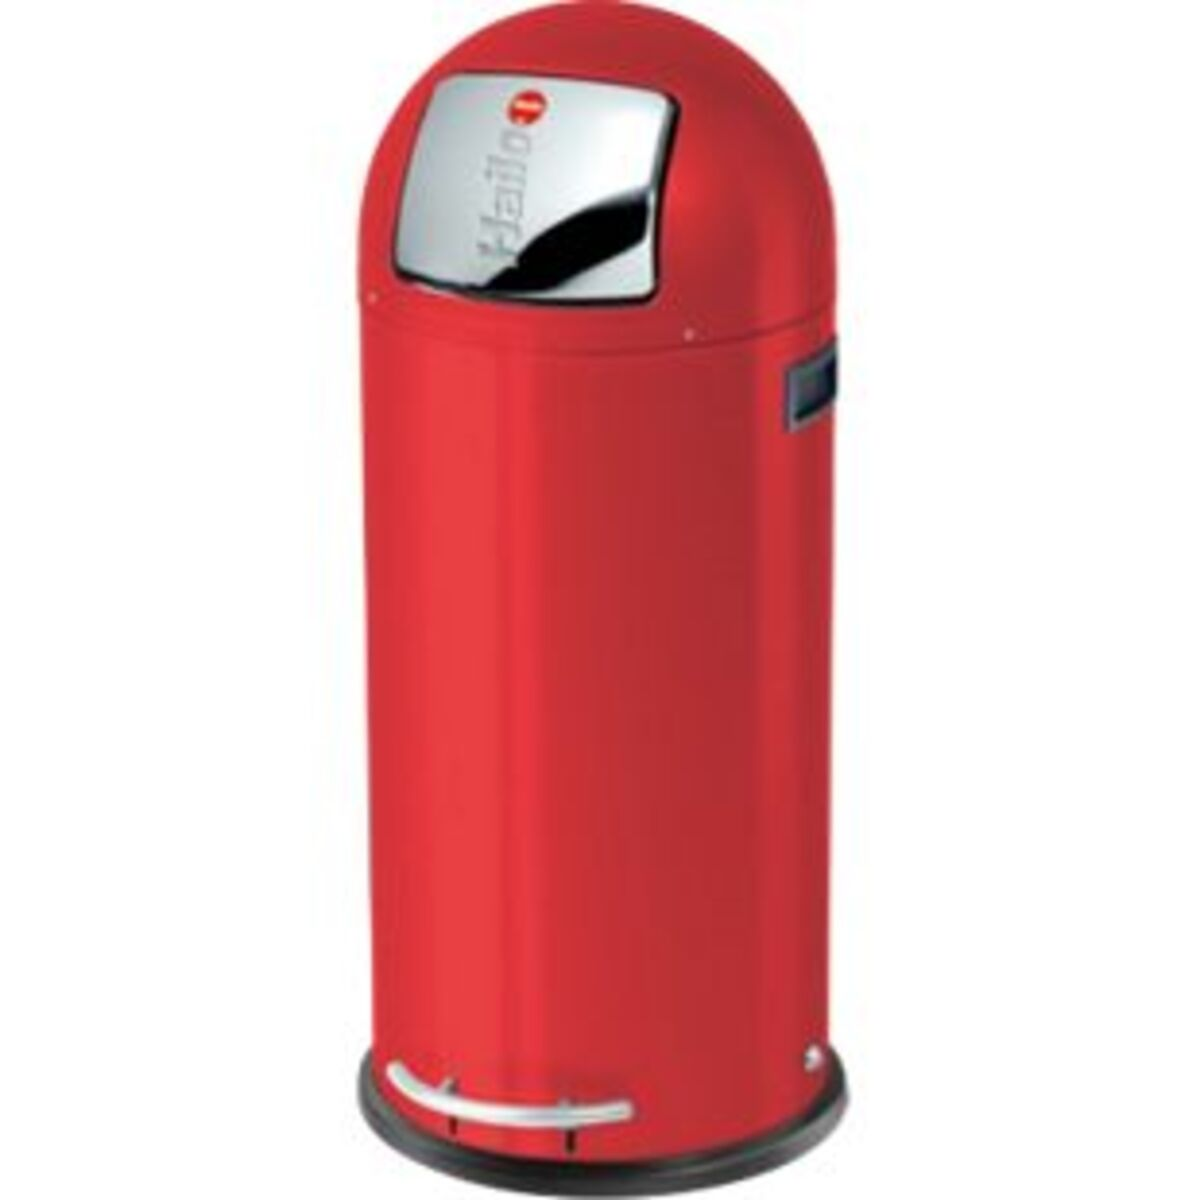 Bild 2 von Hailo KickMaxx XL Großraum-Abfallboxen, rot